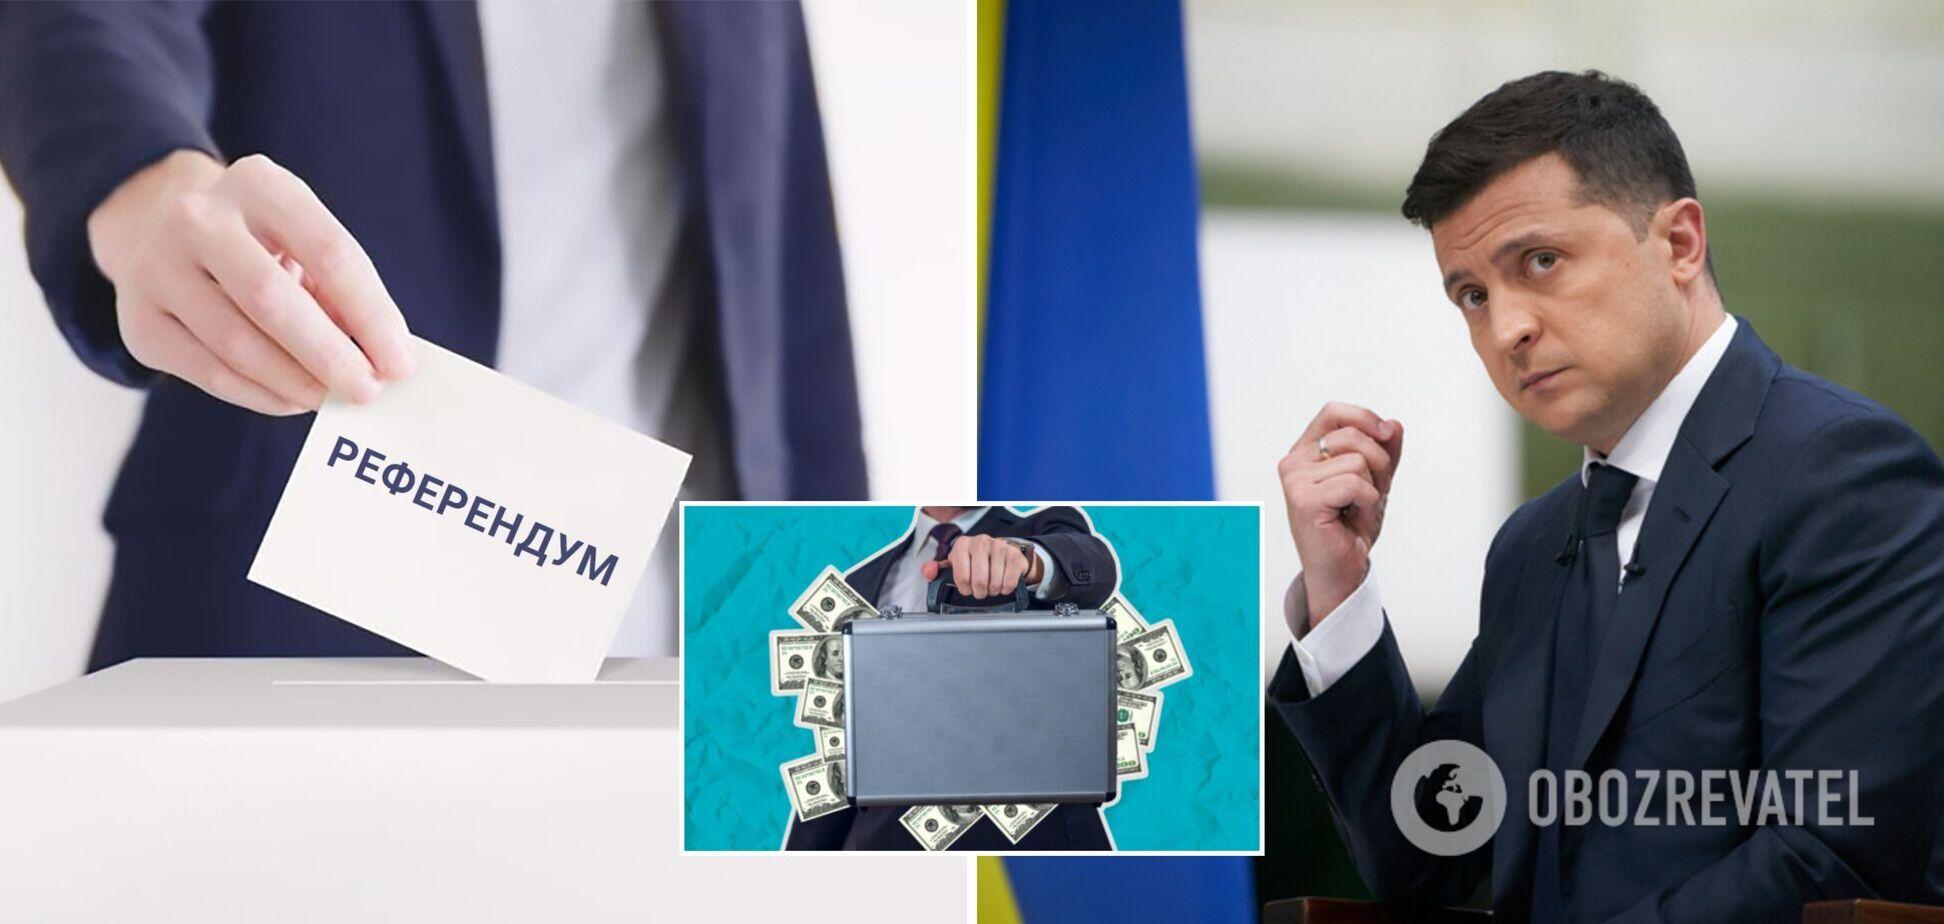 Зеленский назвал условие, при котором вопрос об олигархах могут вынести на референдум